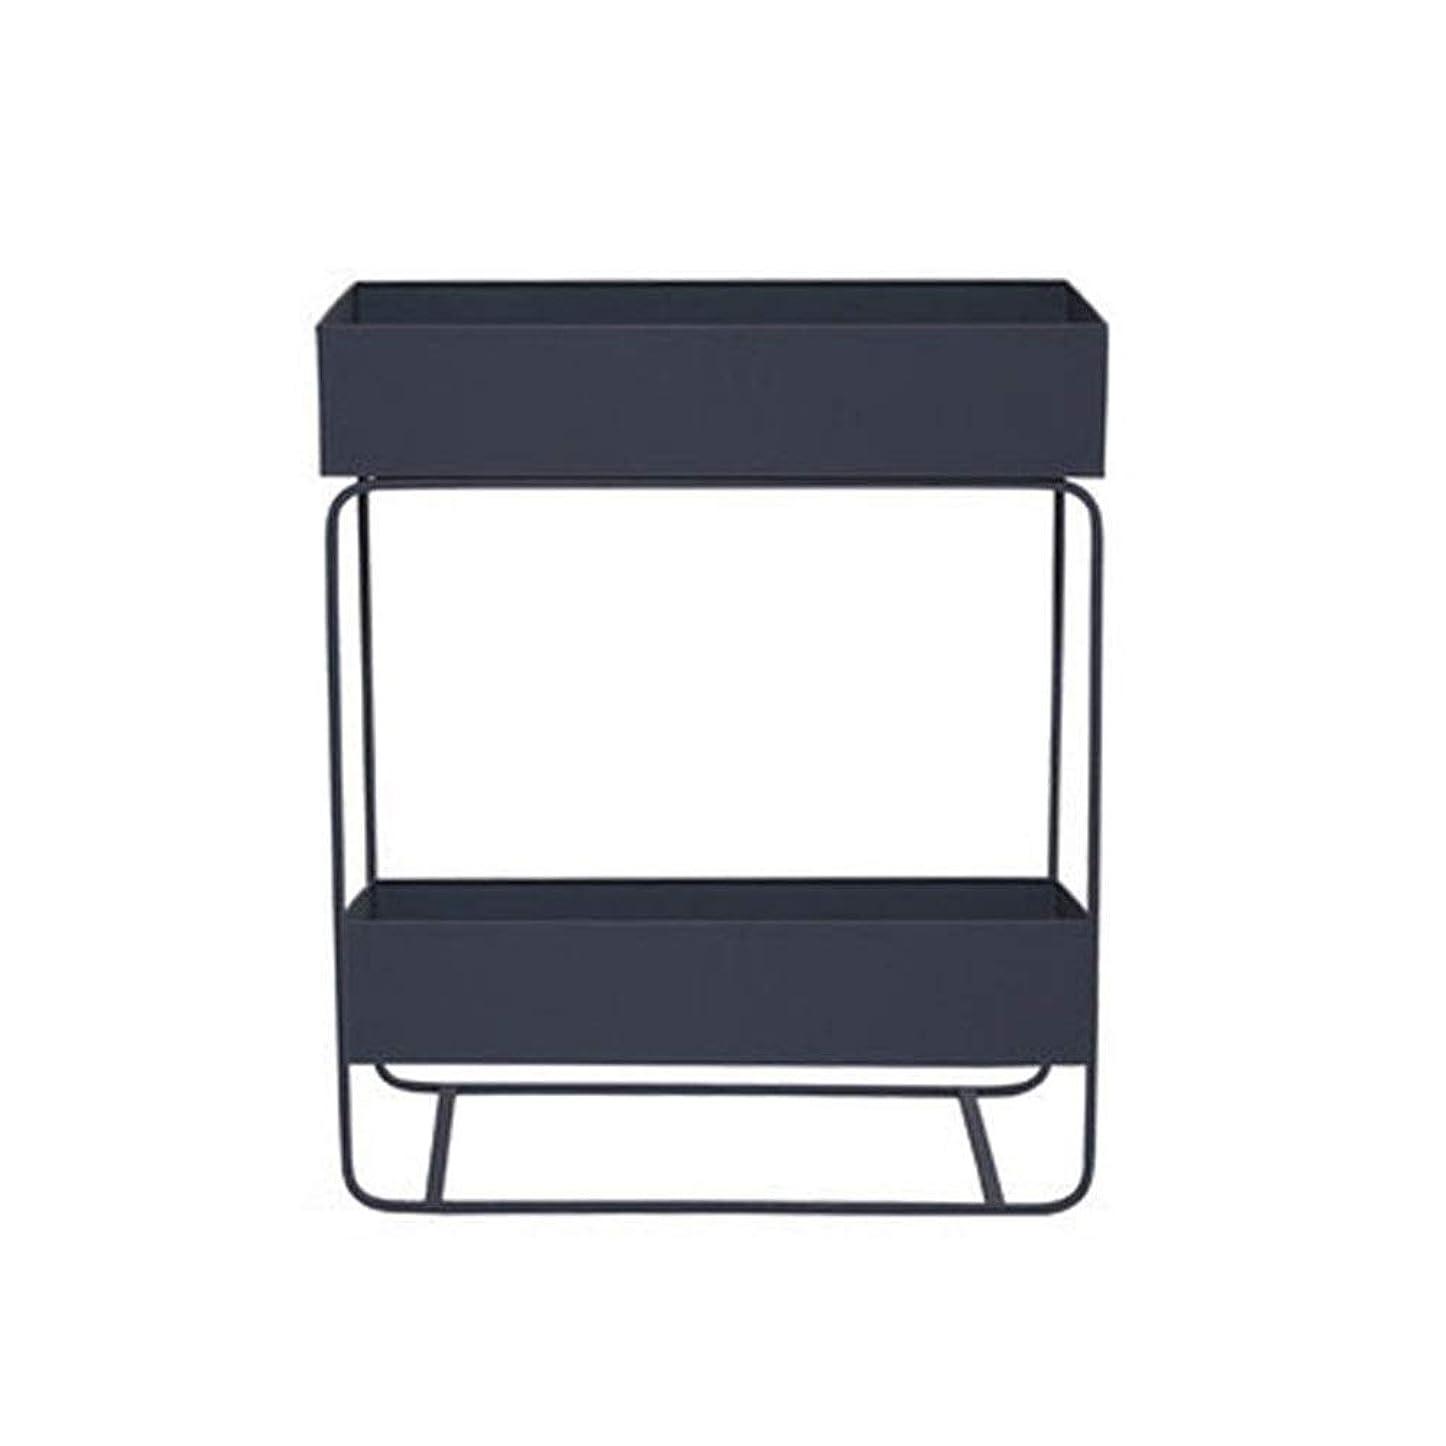 抜粋論理おとなしい棚 2層収納棚調節可能フロアリビングルームキッチン独立多機能 屋内と屋外 (色 : グレー, サイズ : 25*60*74cm)